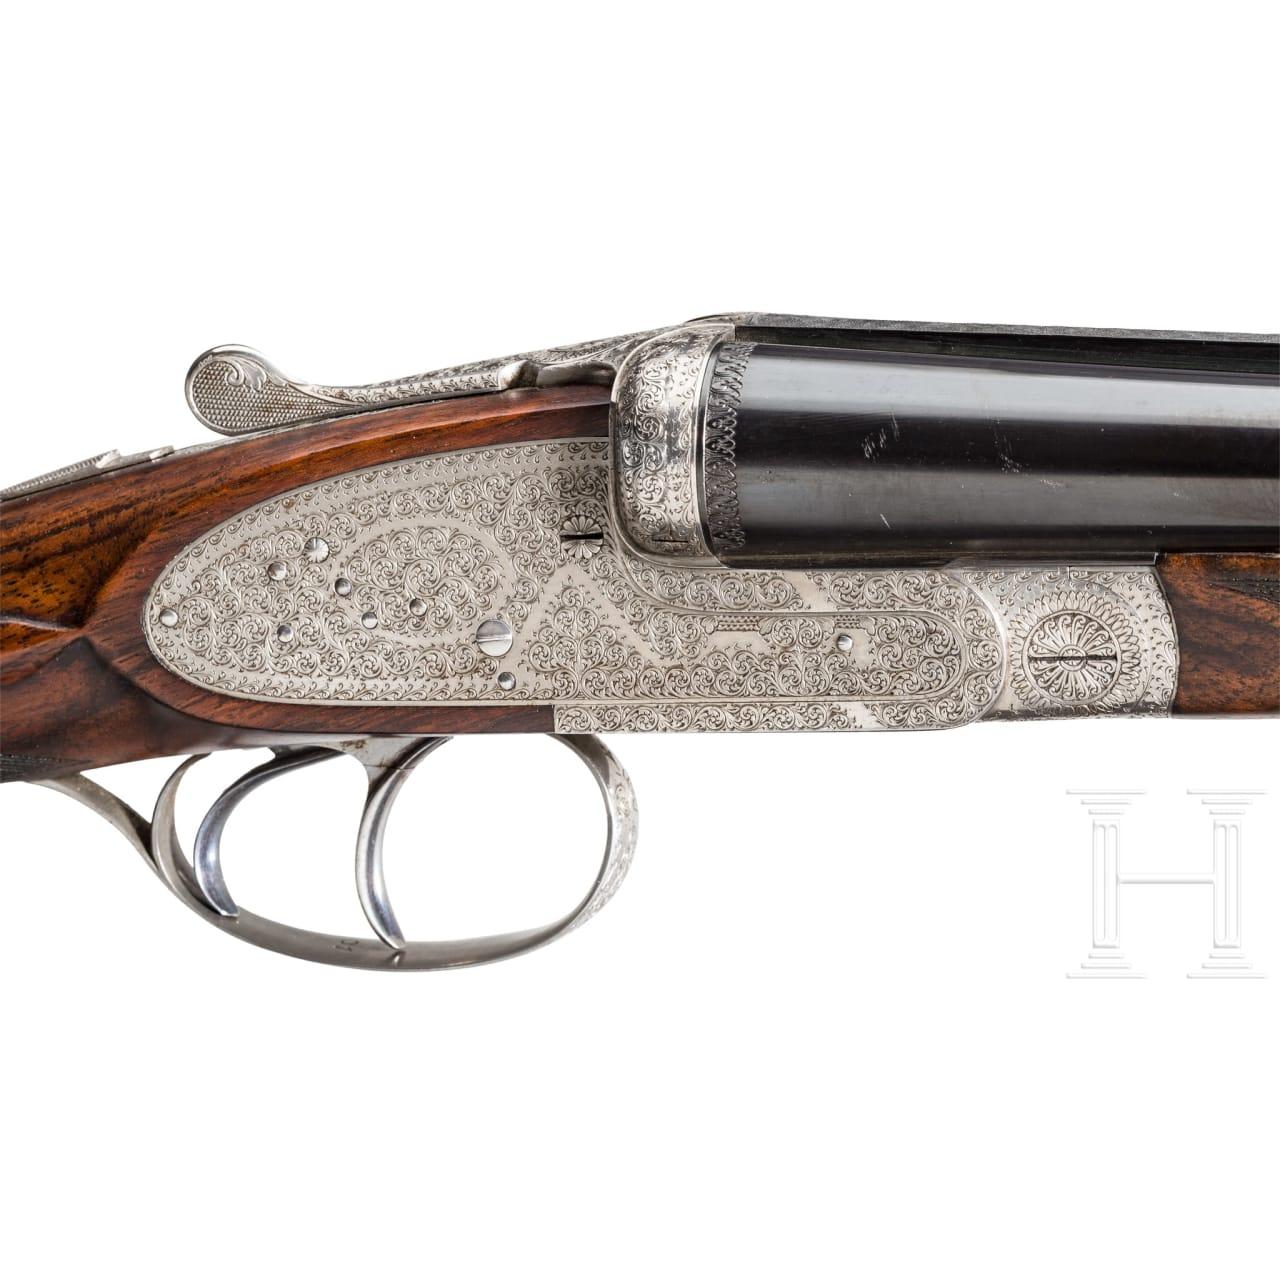 A side-by-side shotgun by Armes Jacquemart, Herstal